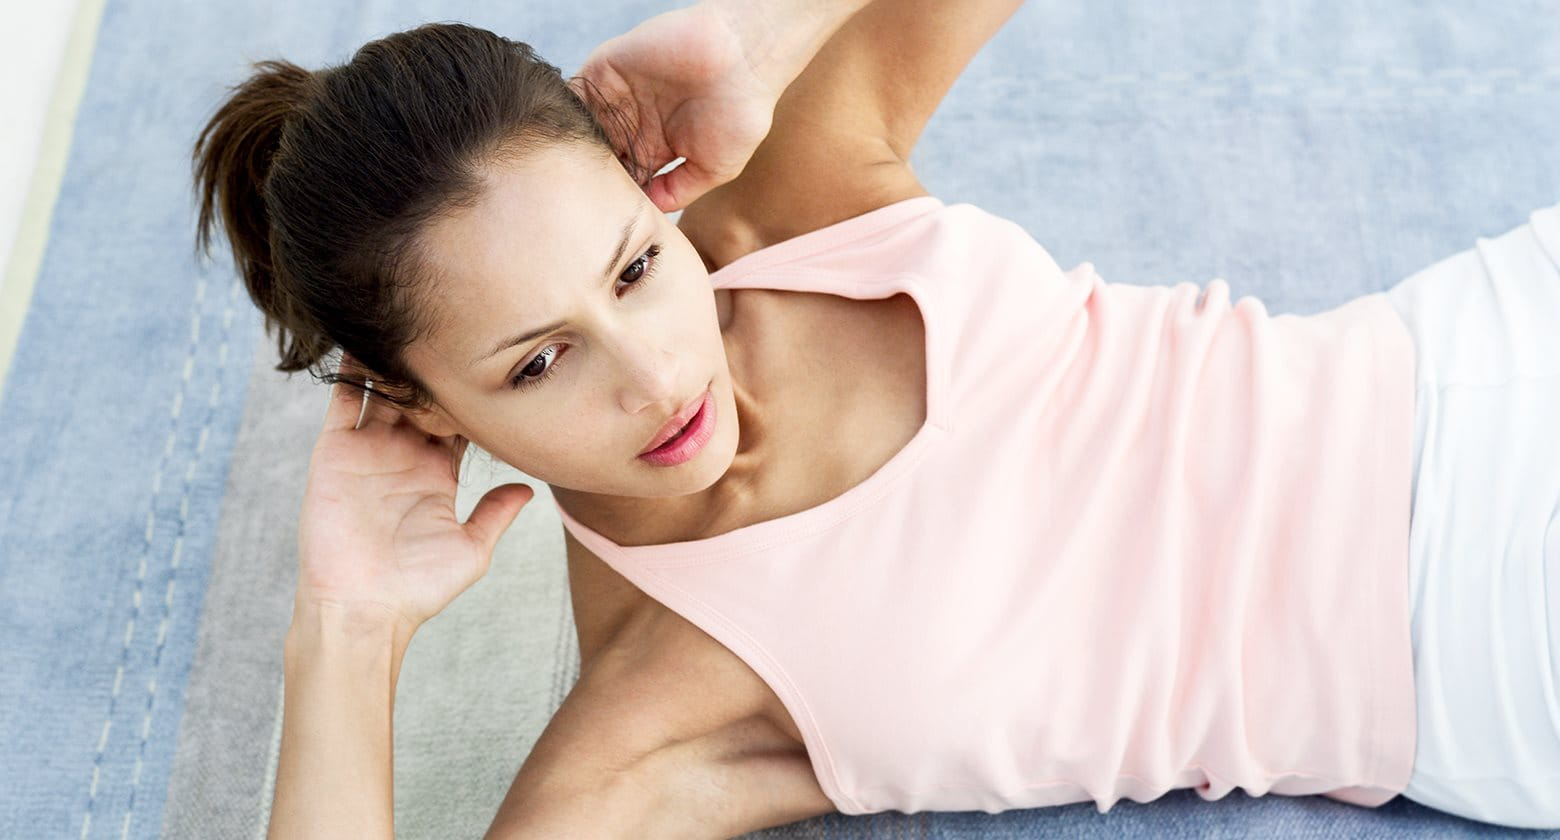 El acné y el ejercicio